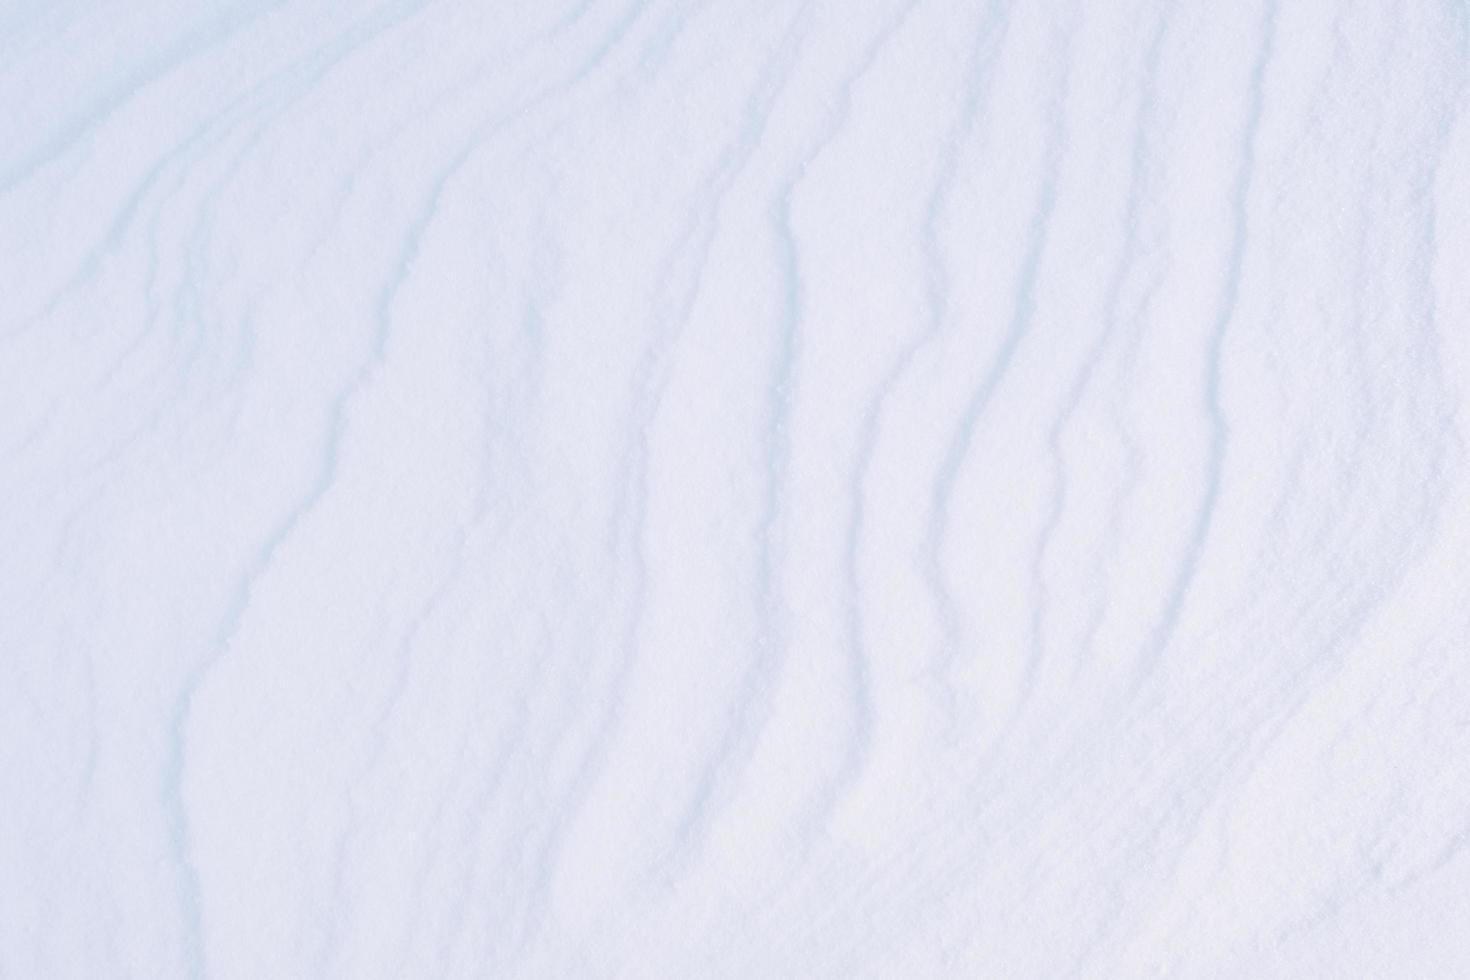 Textura de nieve blanca limpia hecha de cristales de hielo. foto